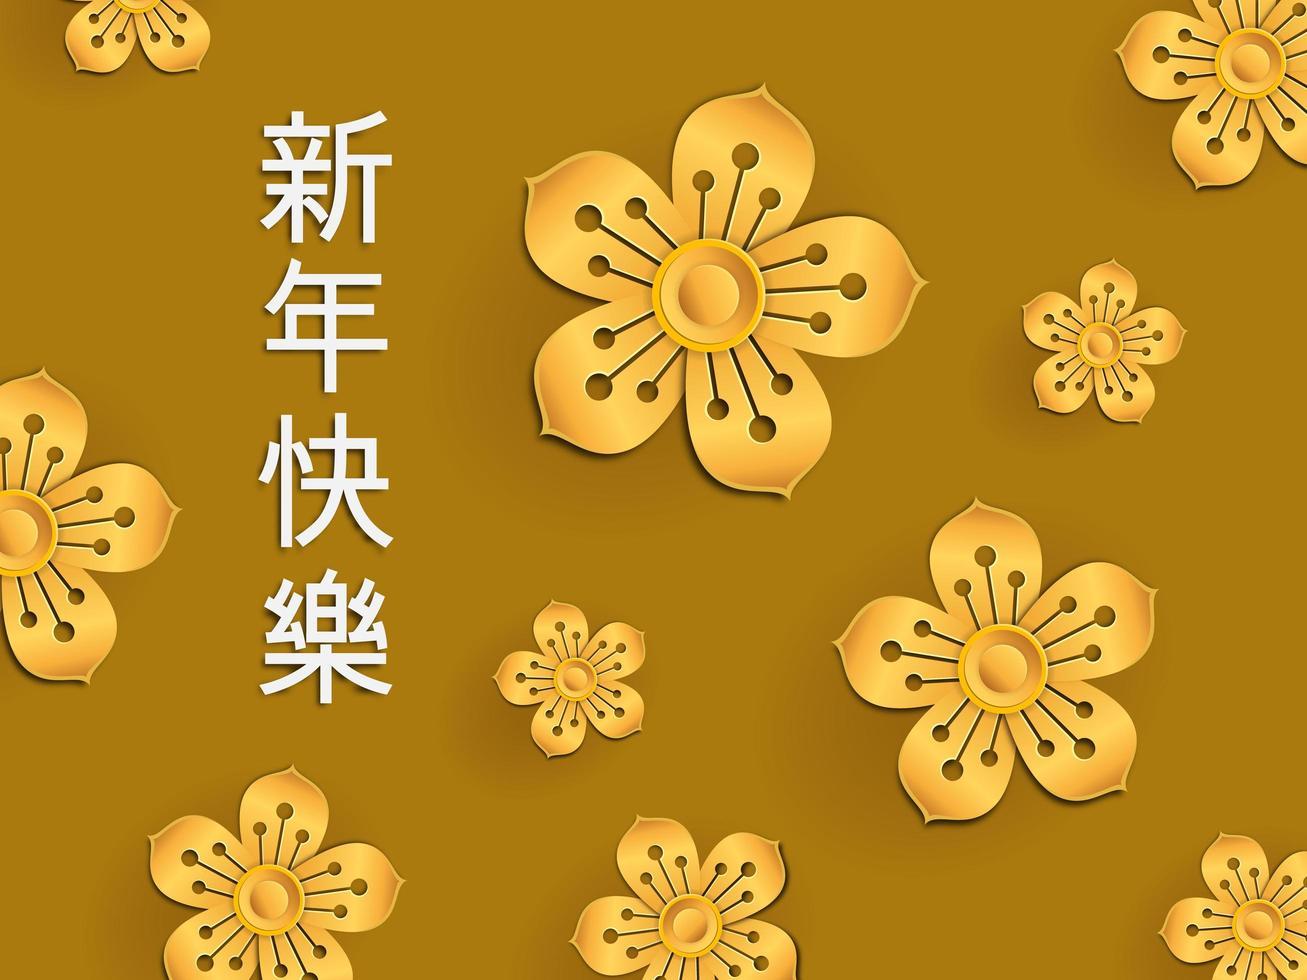 illustrazione di fiori d'oro con calligrafia cinese vettore